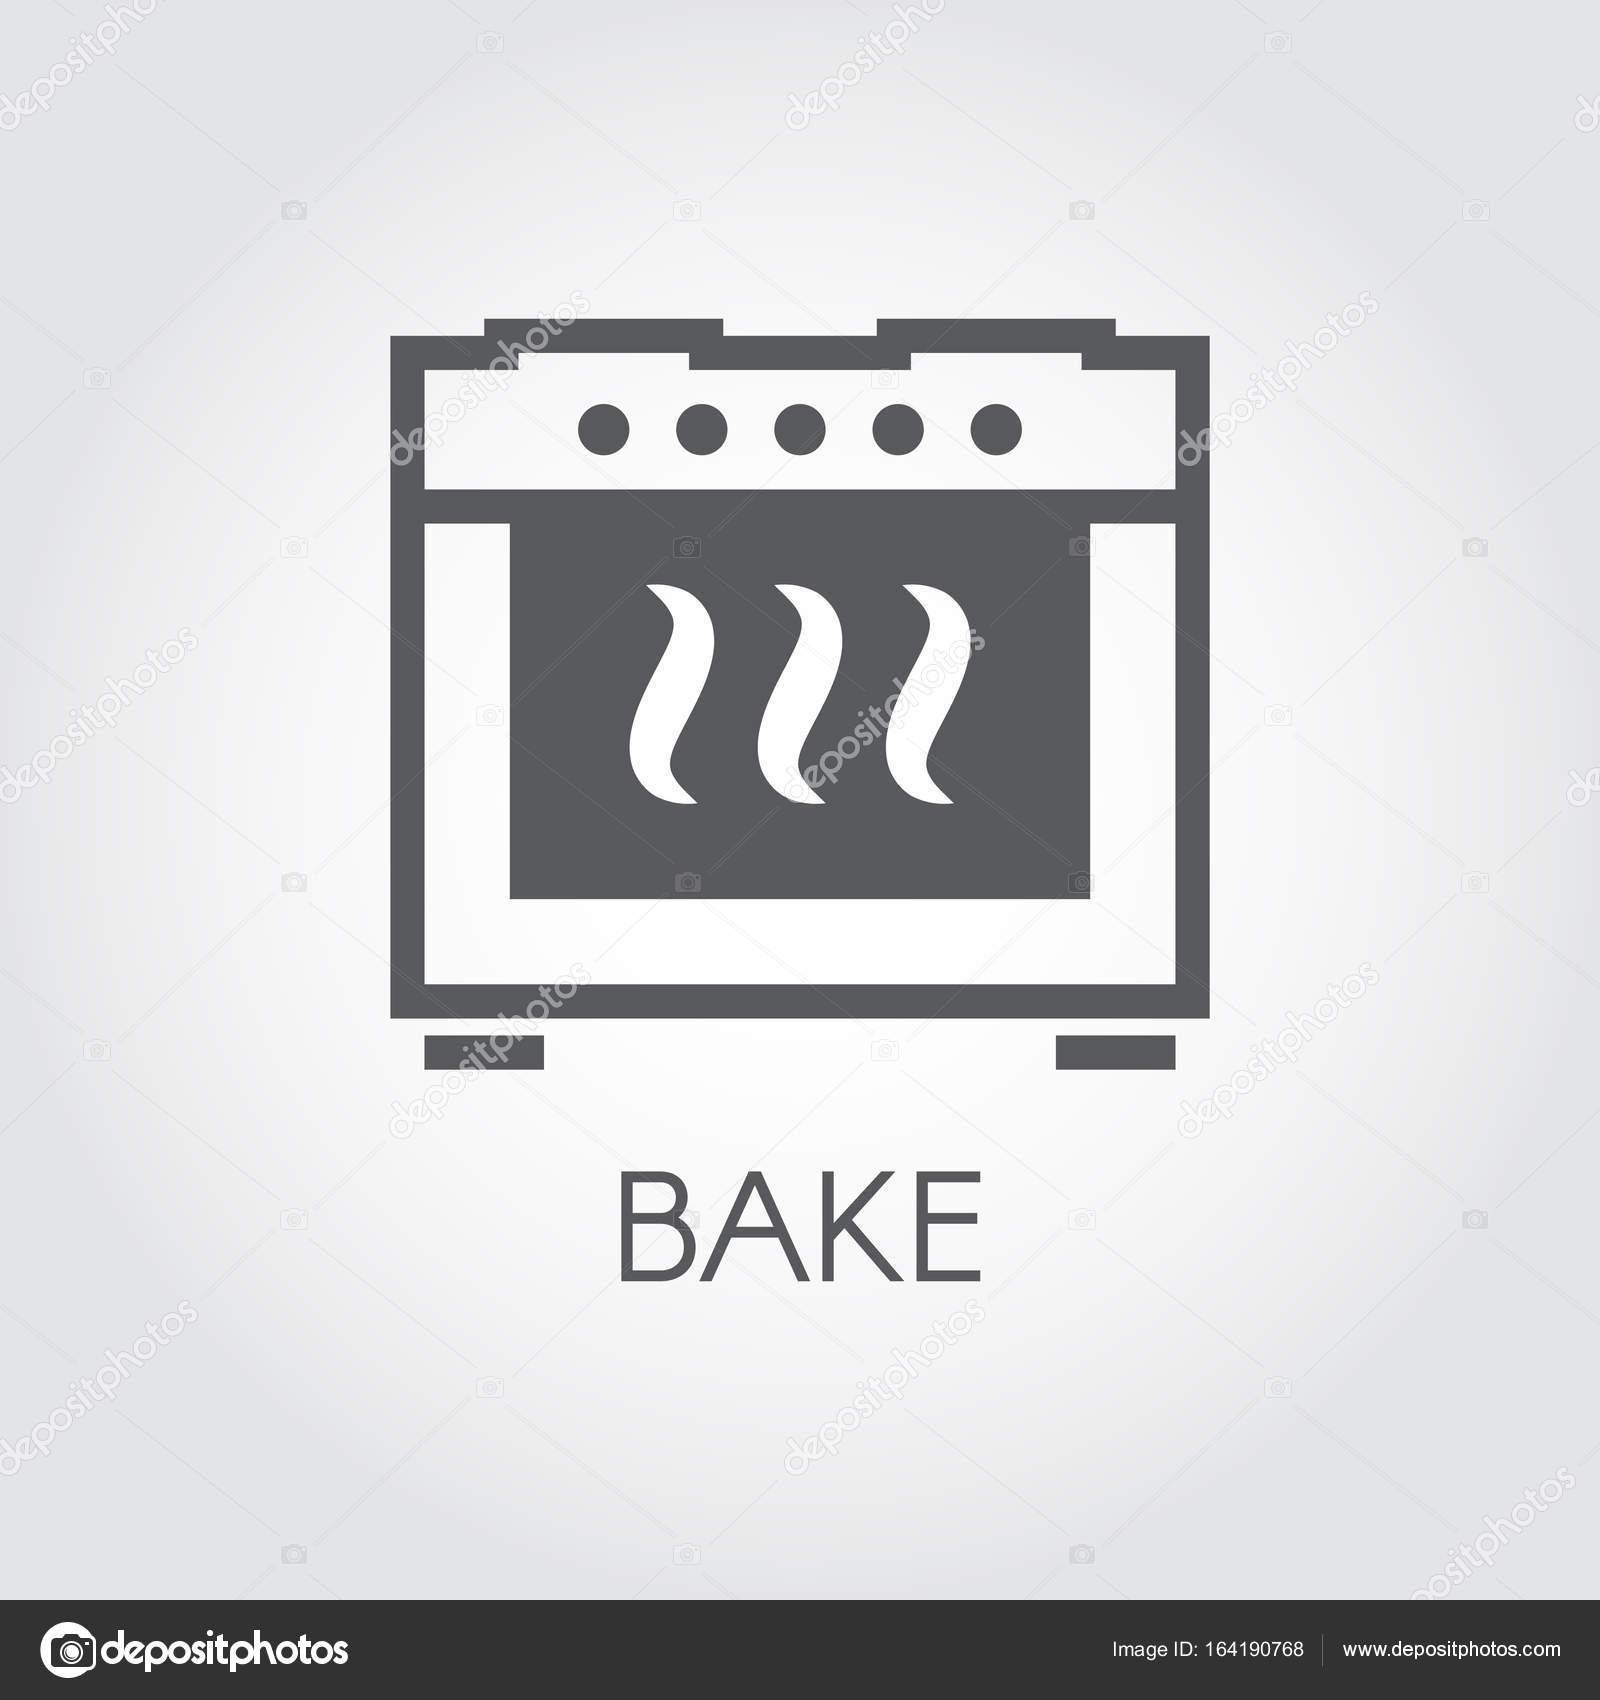 Ofen backen Symbol Zeichnung in flachen Stil für verschiedene Kochen ...